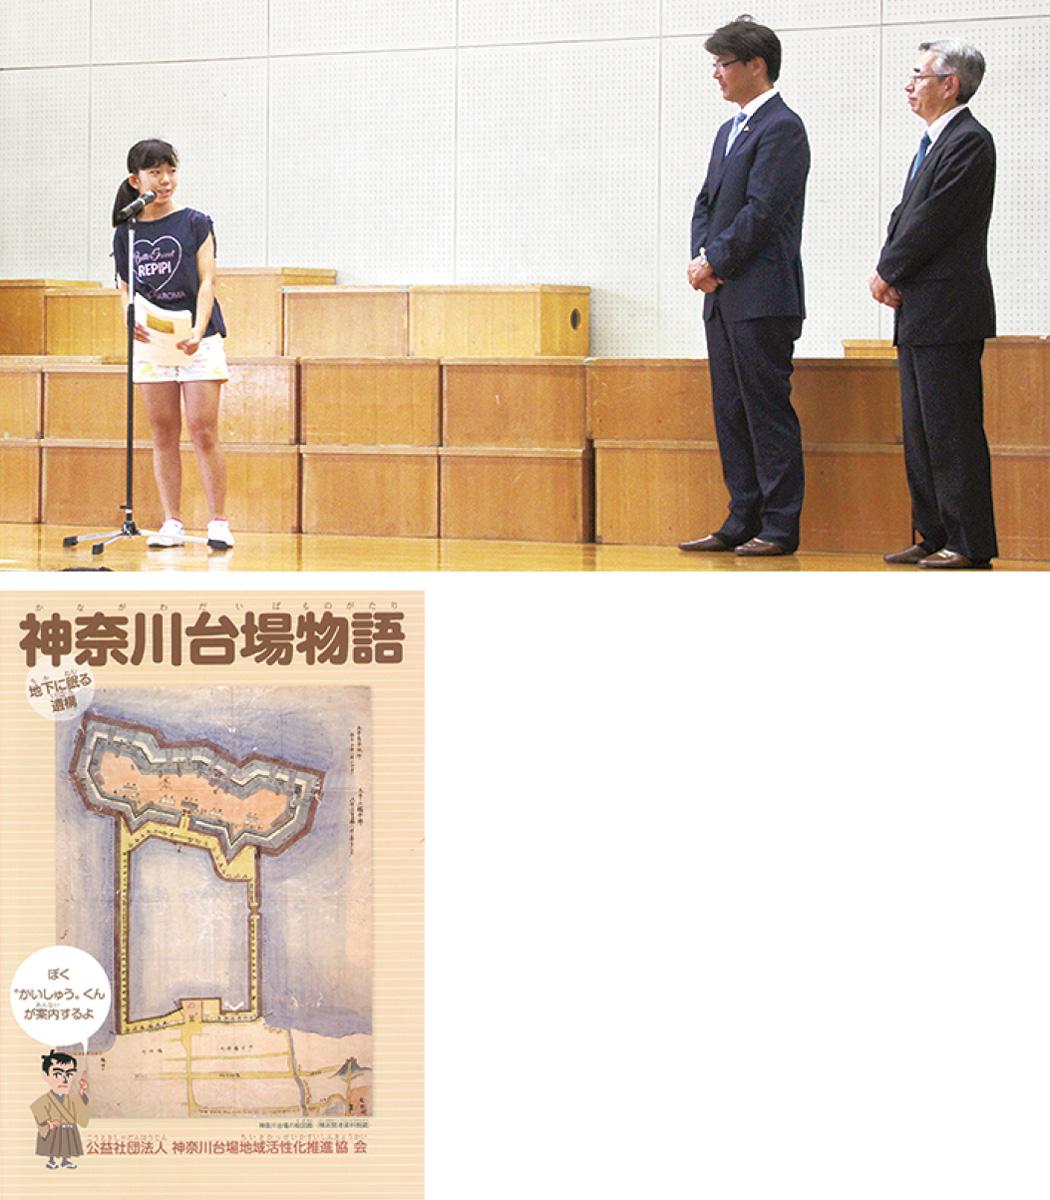 「神奈川台場物語」が誕生